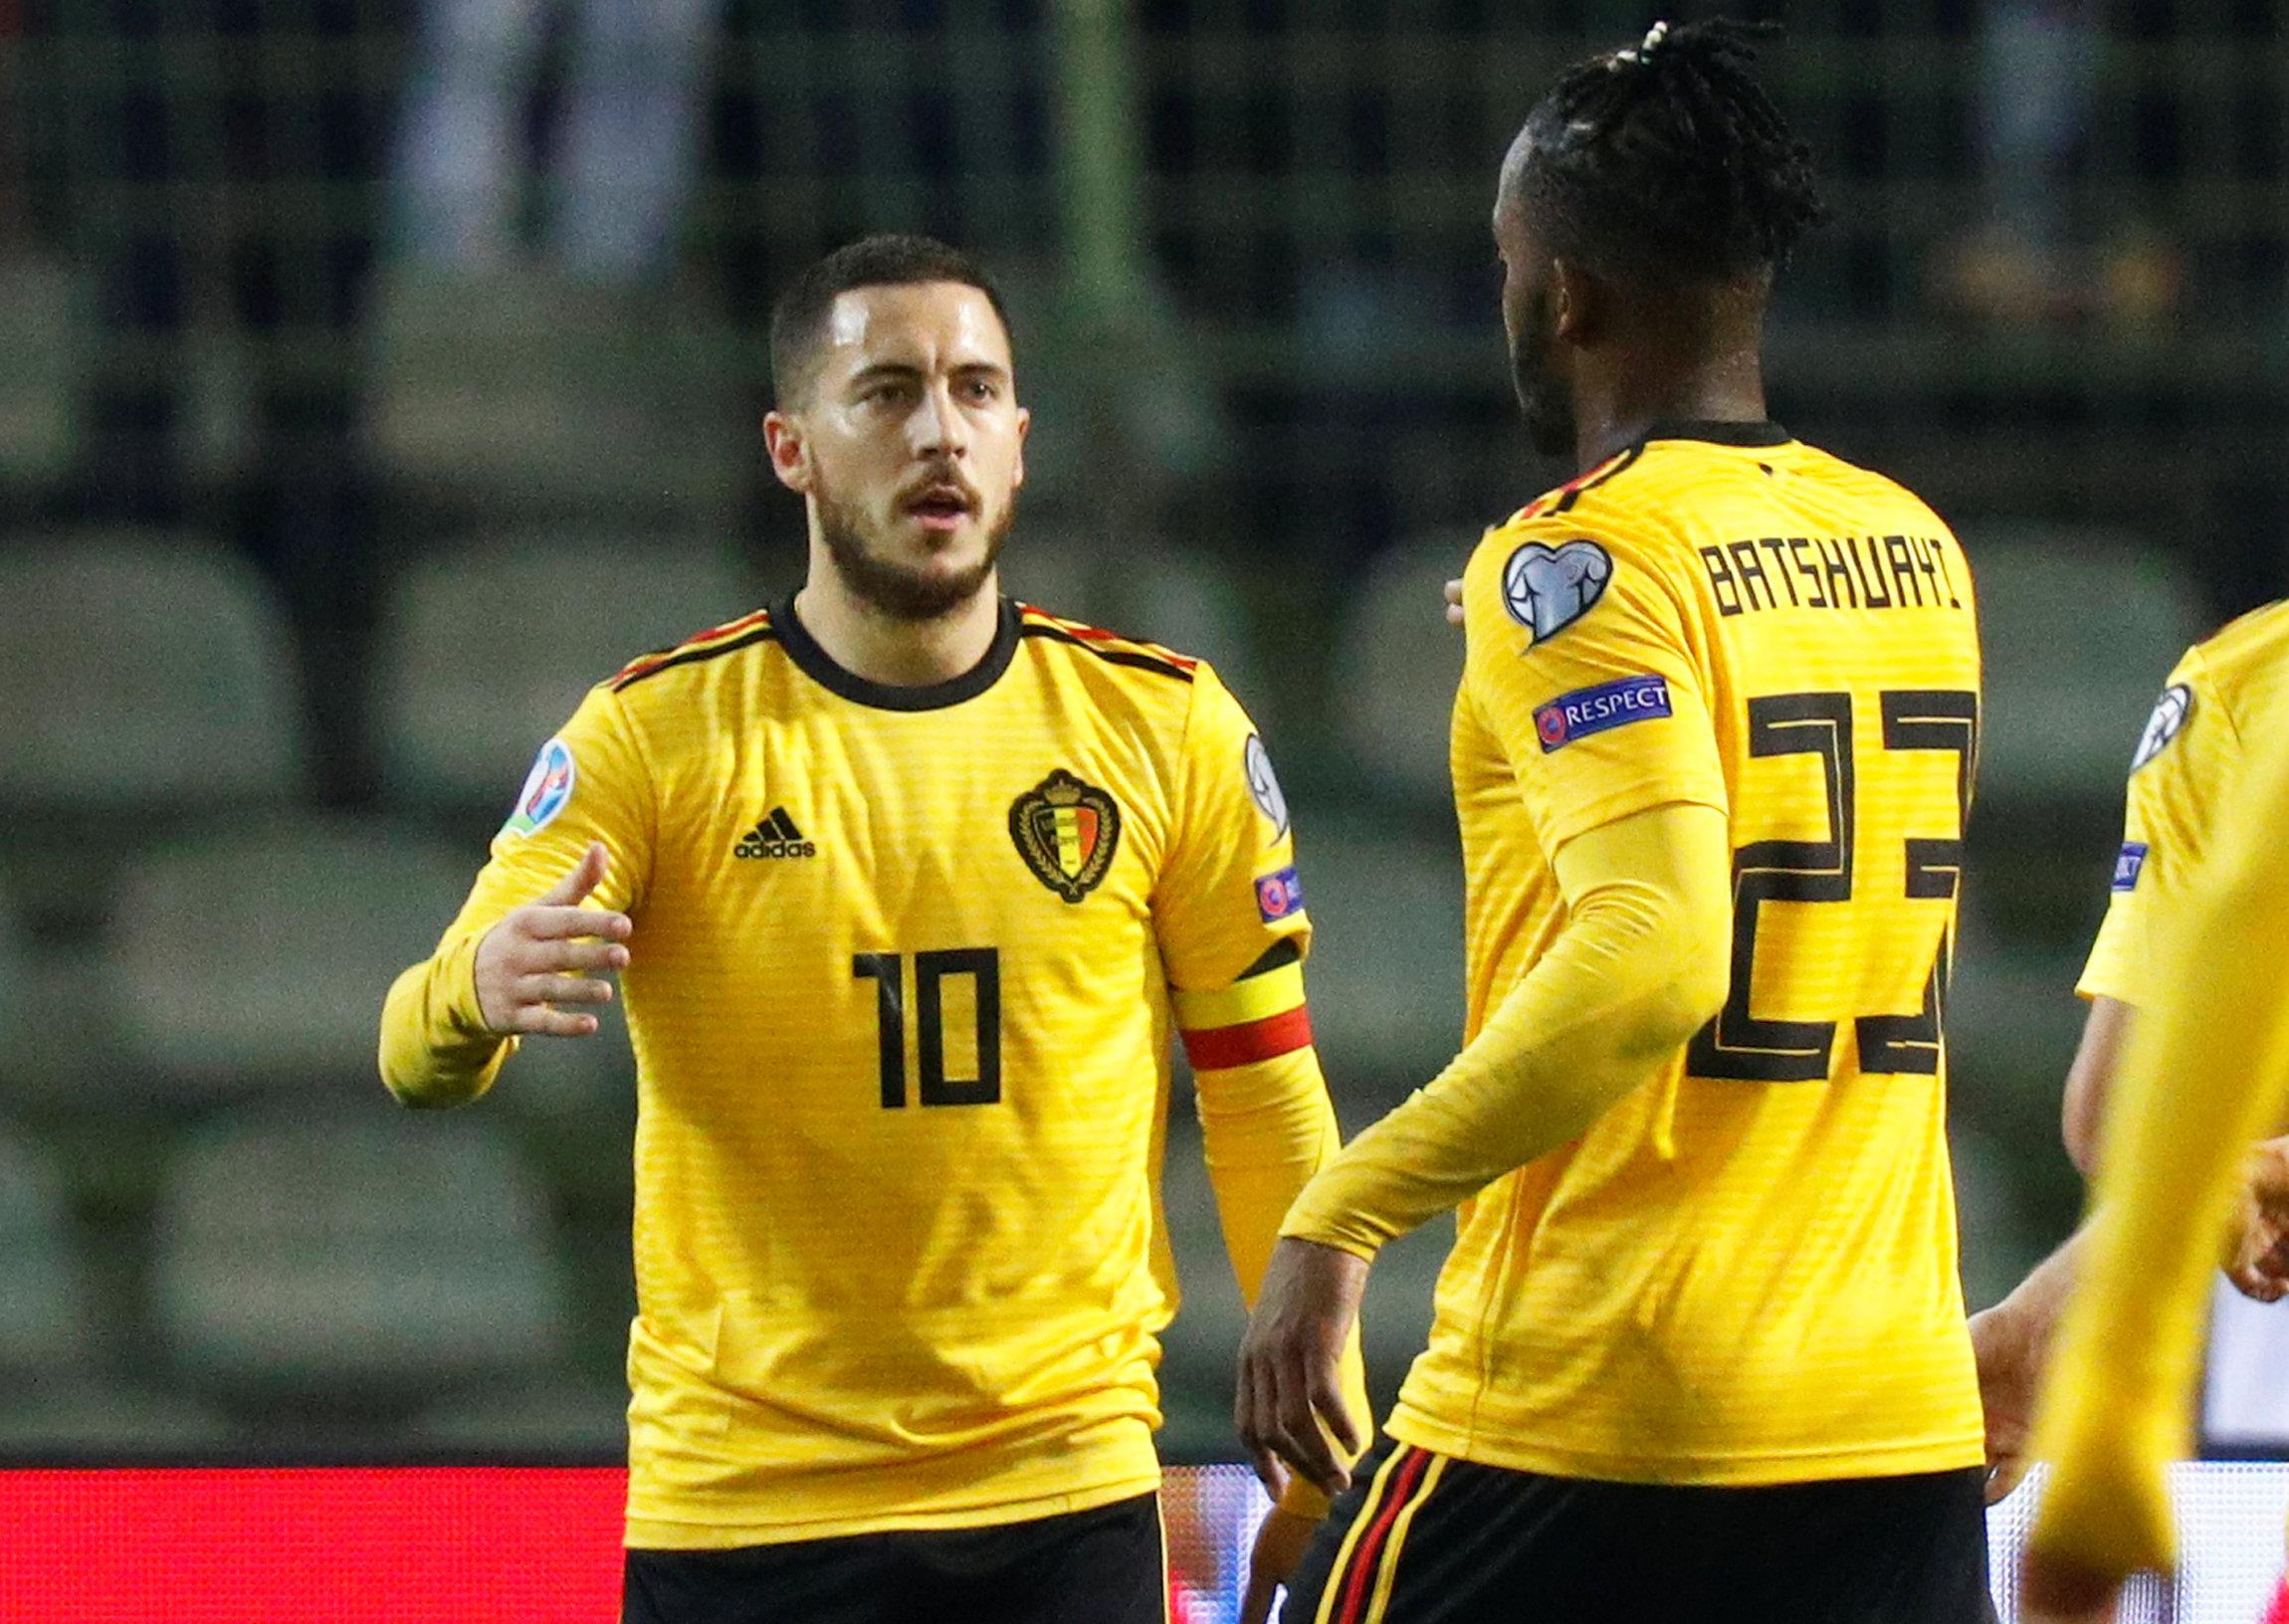 En fotos: Bélgica arrancó con pie derecho su camino a la Eurocopa con triunfo contra Rusia